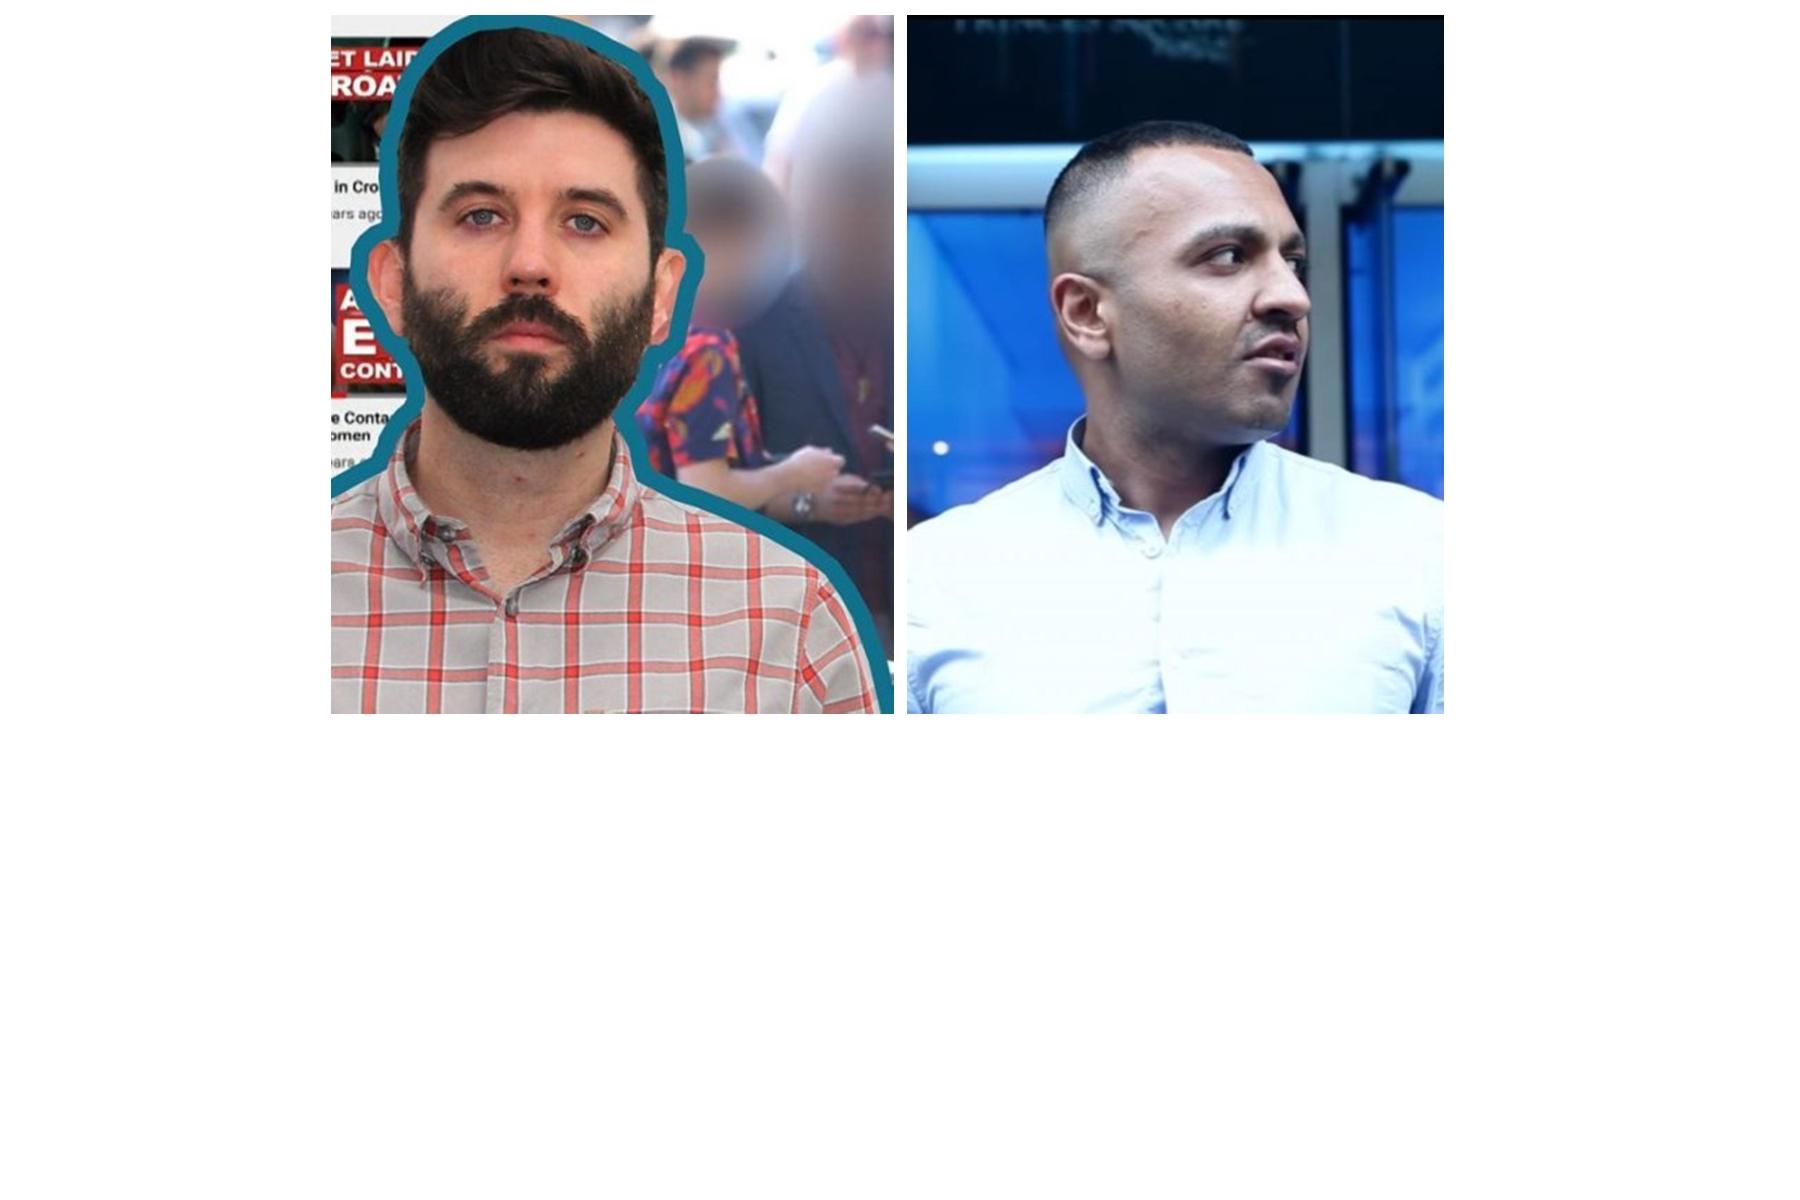 Beta-Male Racist Myles Bonnar vs Adnan Ahmed aka Addy Agame